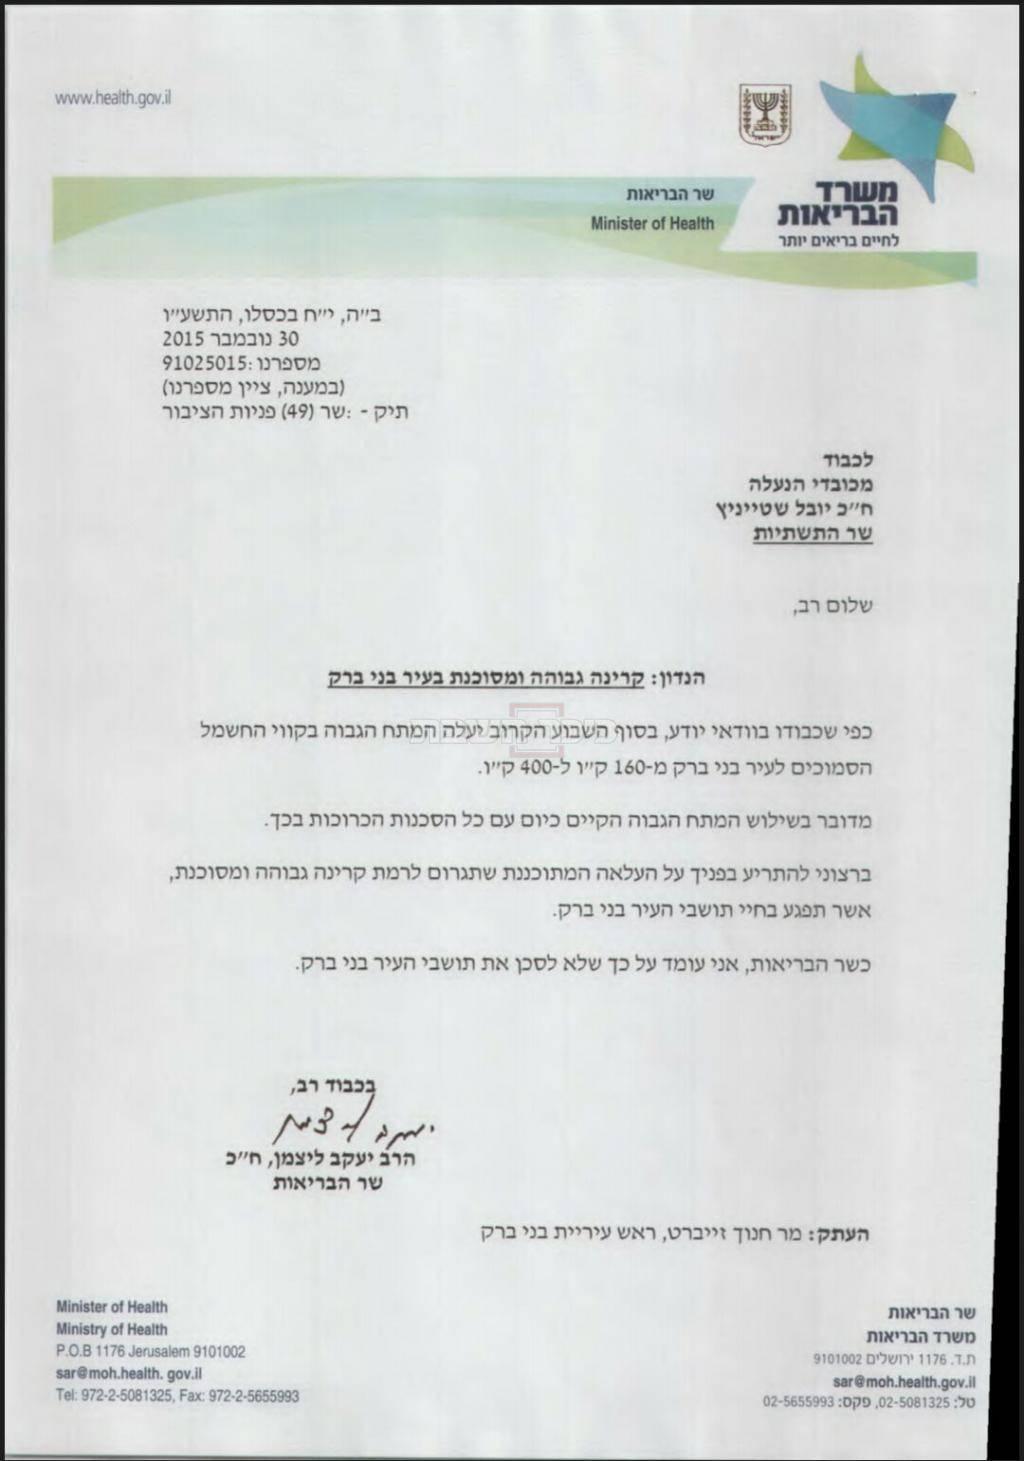 מכתבו של שר הבריאות יעקב ליצמן